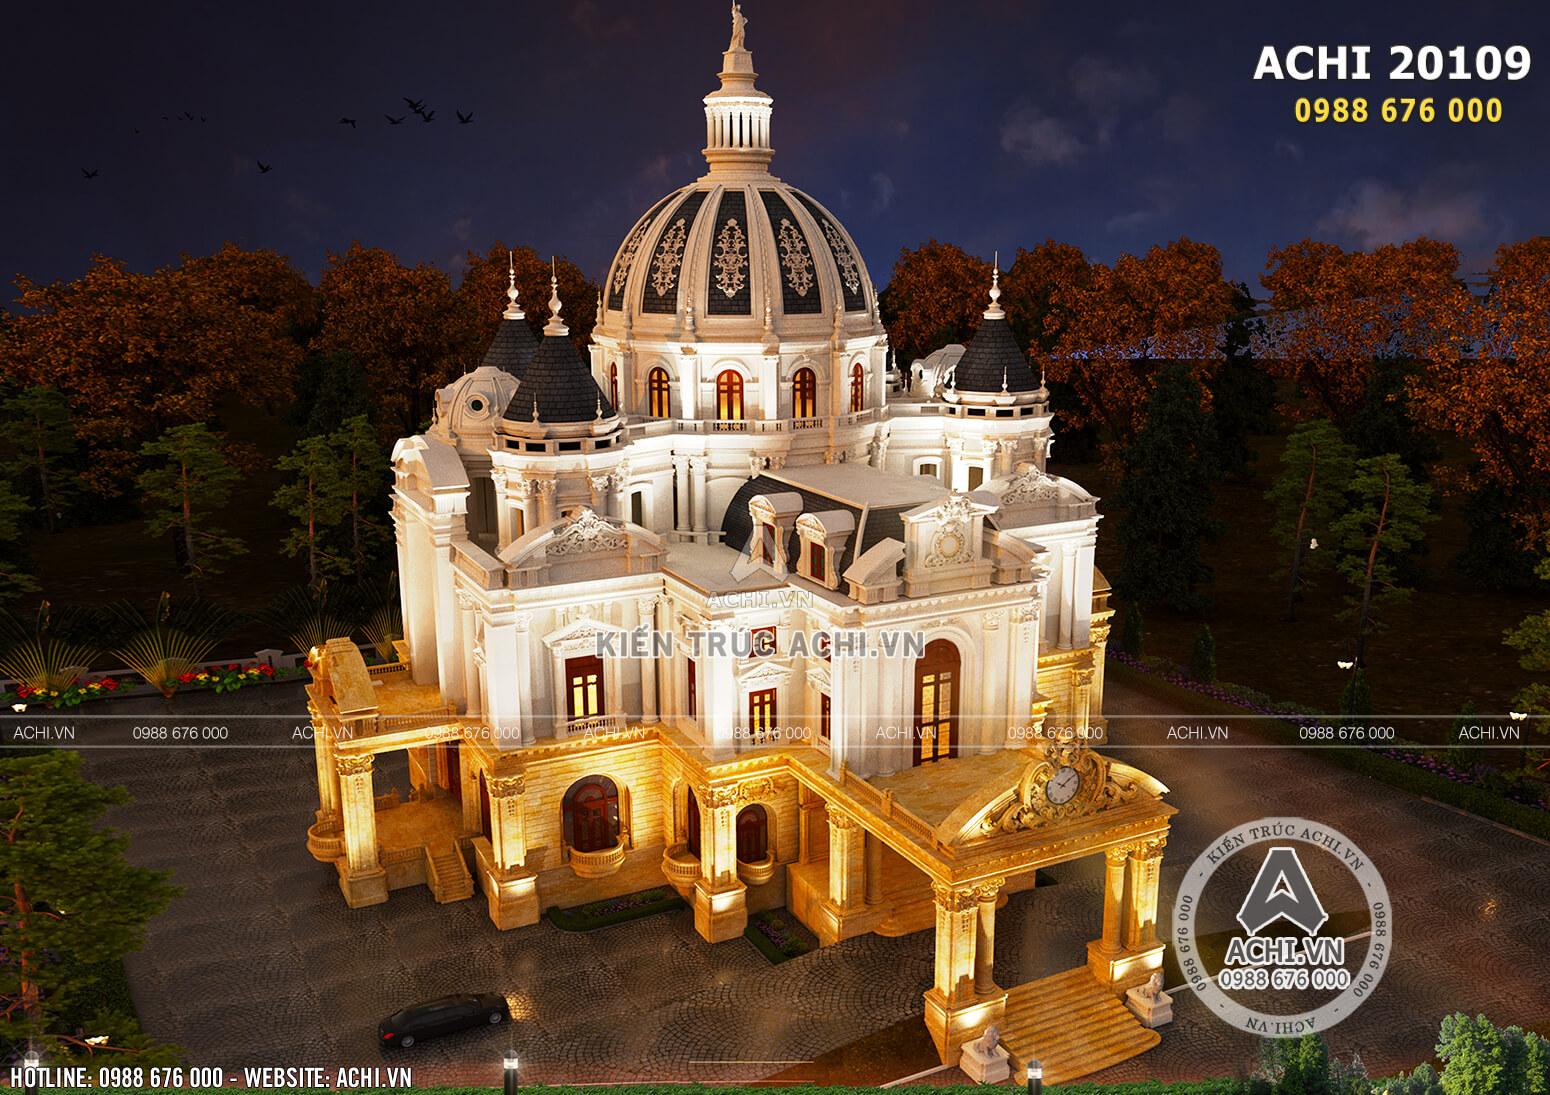 Không gian lung linh, huyền ảo của mẫu thiết kế biệt thự kiểu lâu đài vô cùng tráng lệ khi về đêm